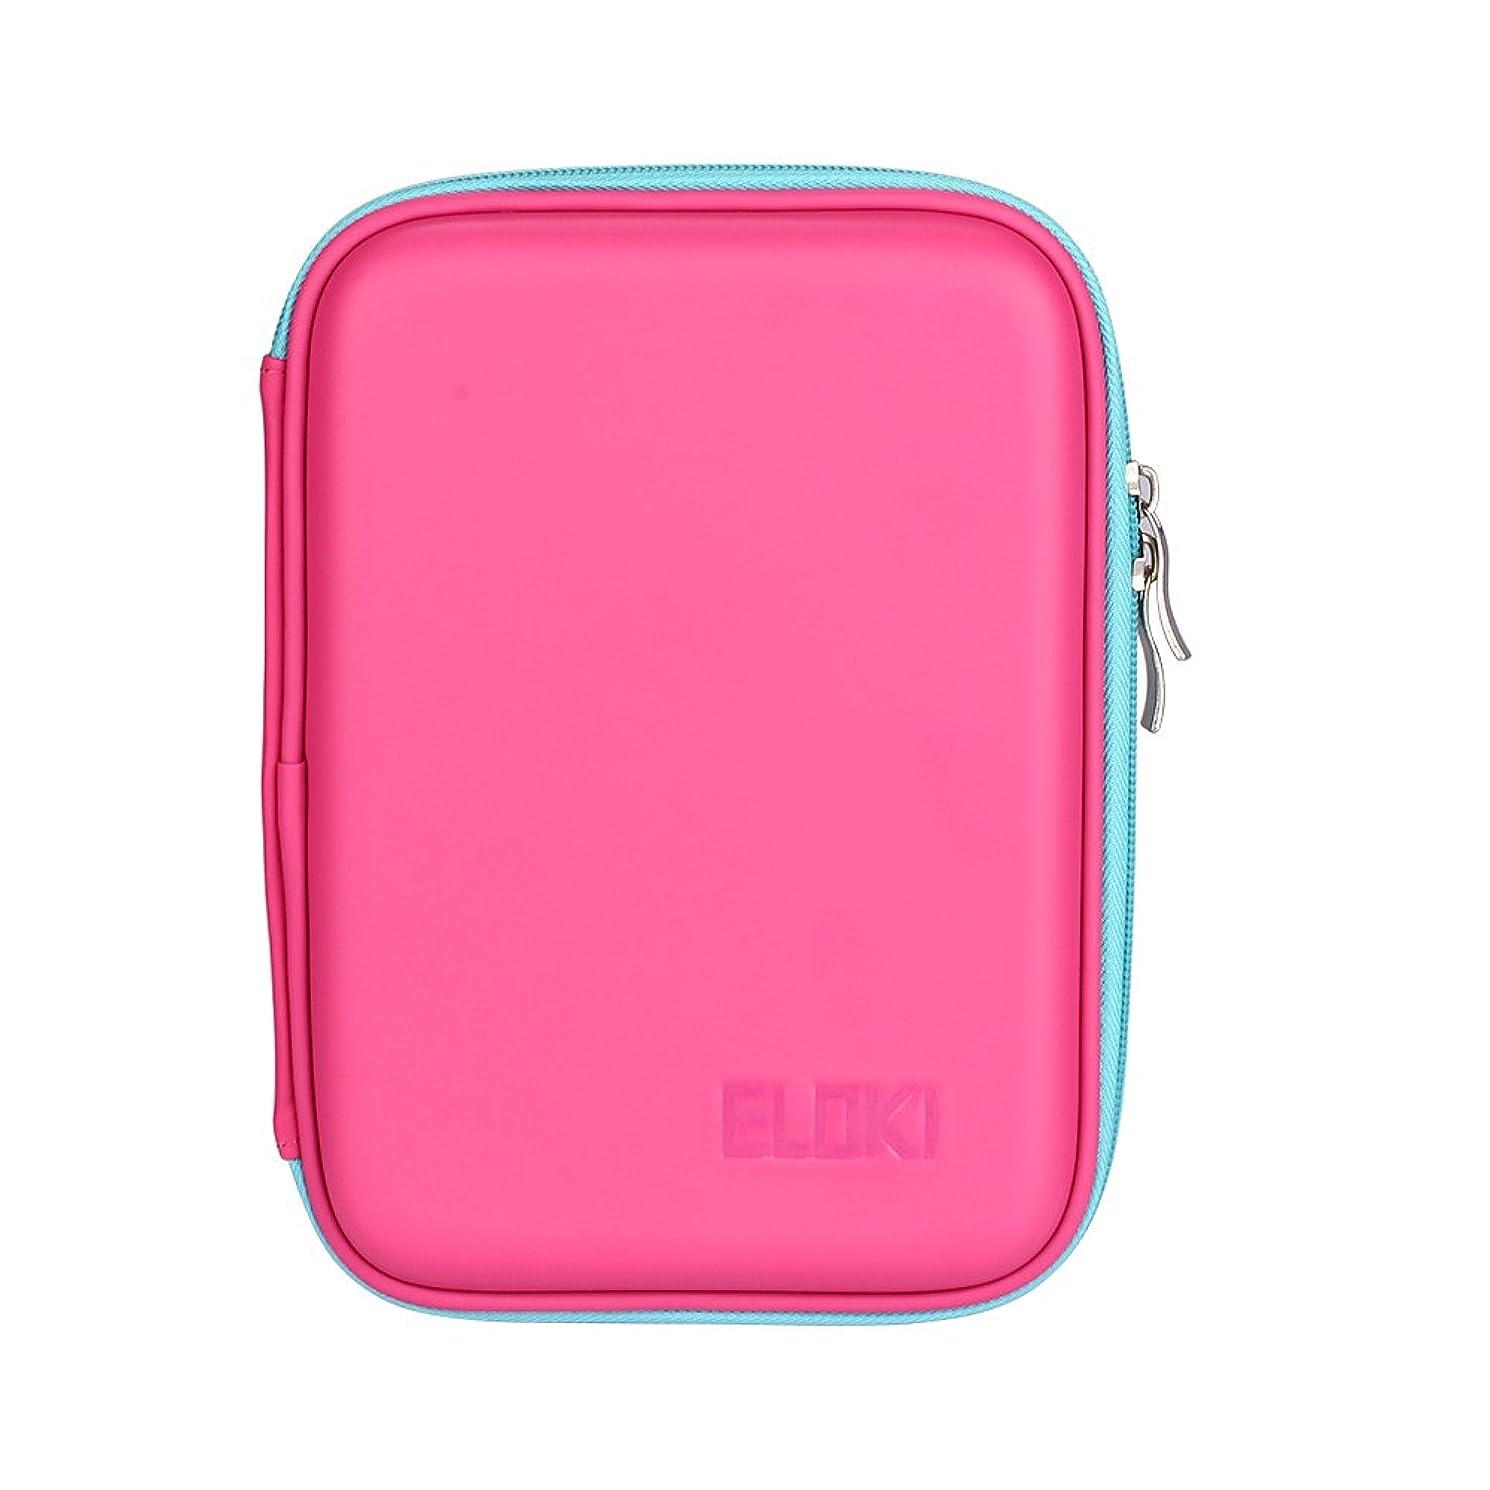 韻レーザ負荷ELOKI 鉛筆収納ケース 折り畳み 48本入れ PUレザーケース ペンケース 学校、オフィスなどに人気 2色選択可(ピンク)